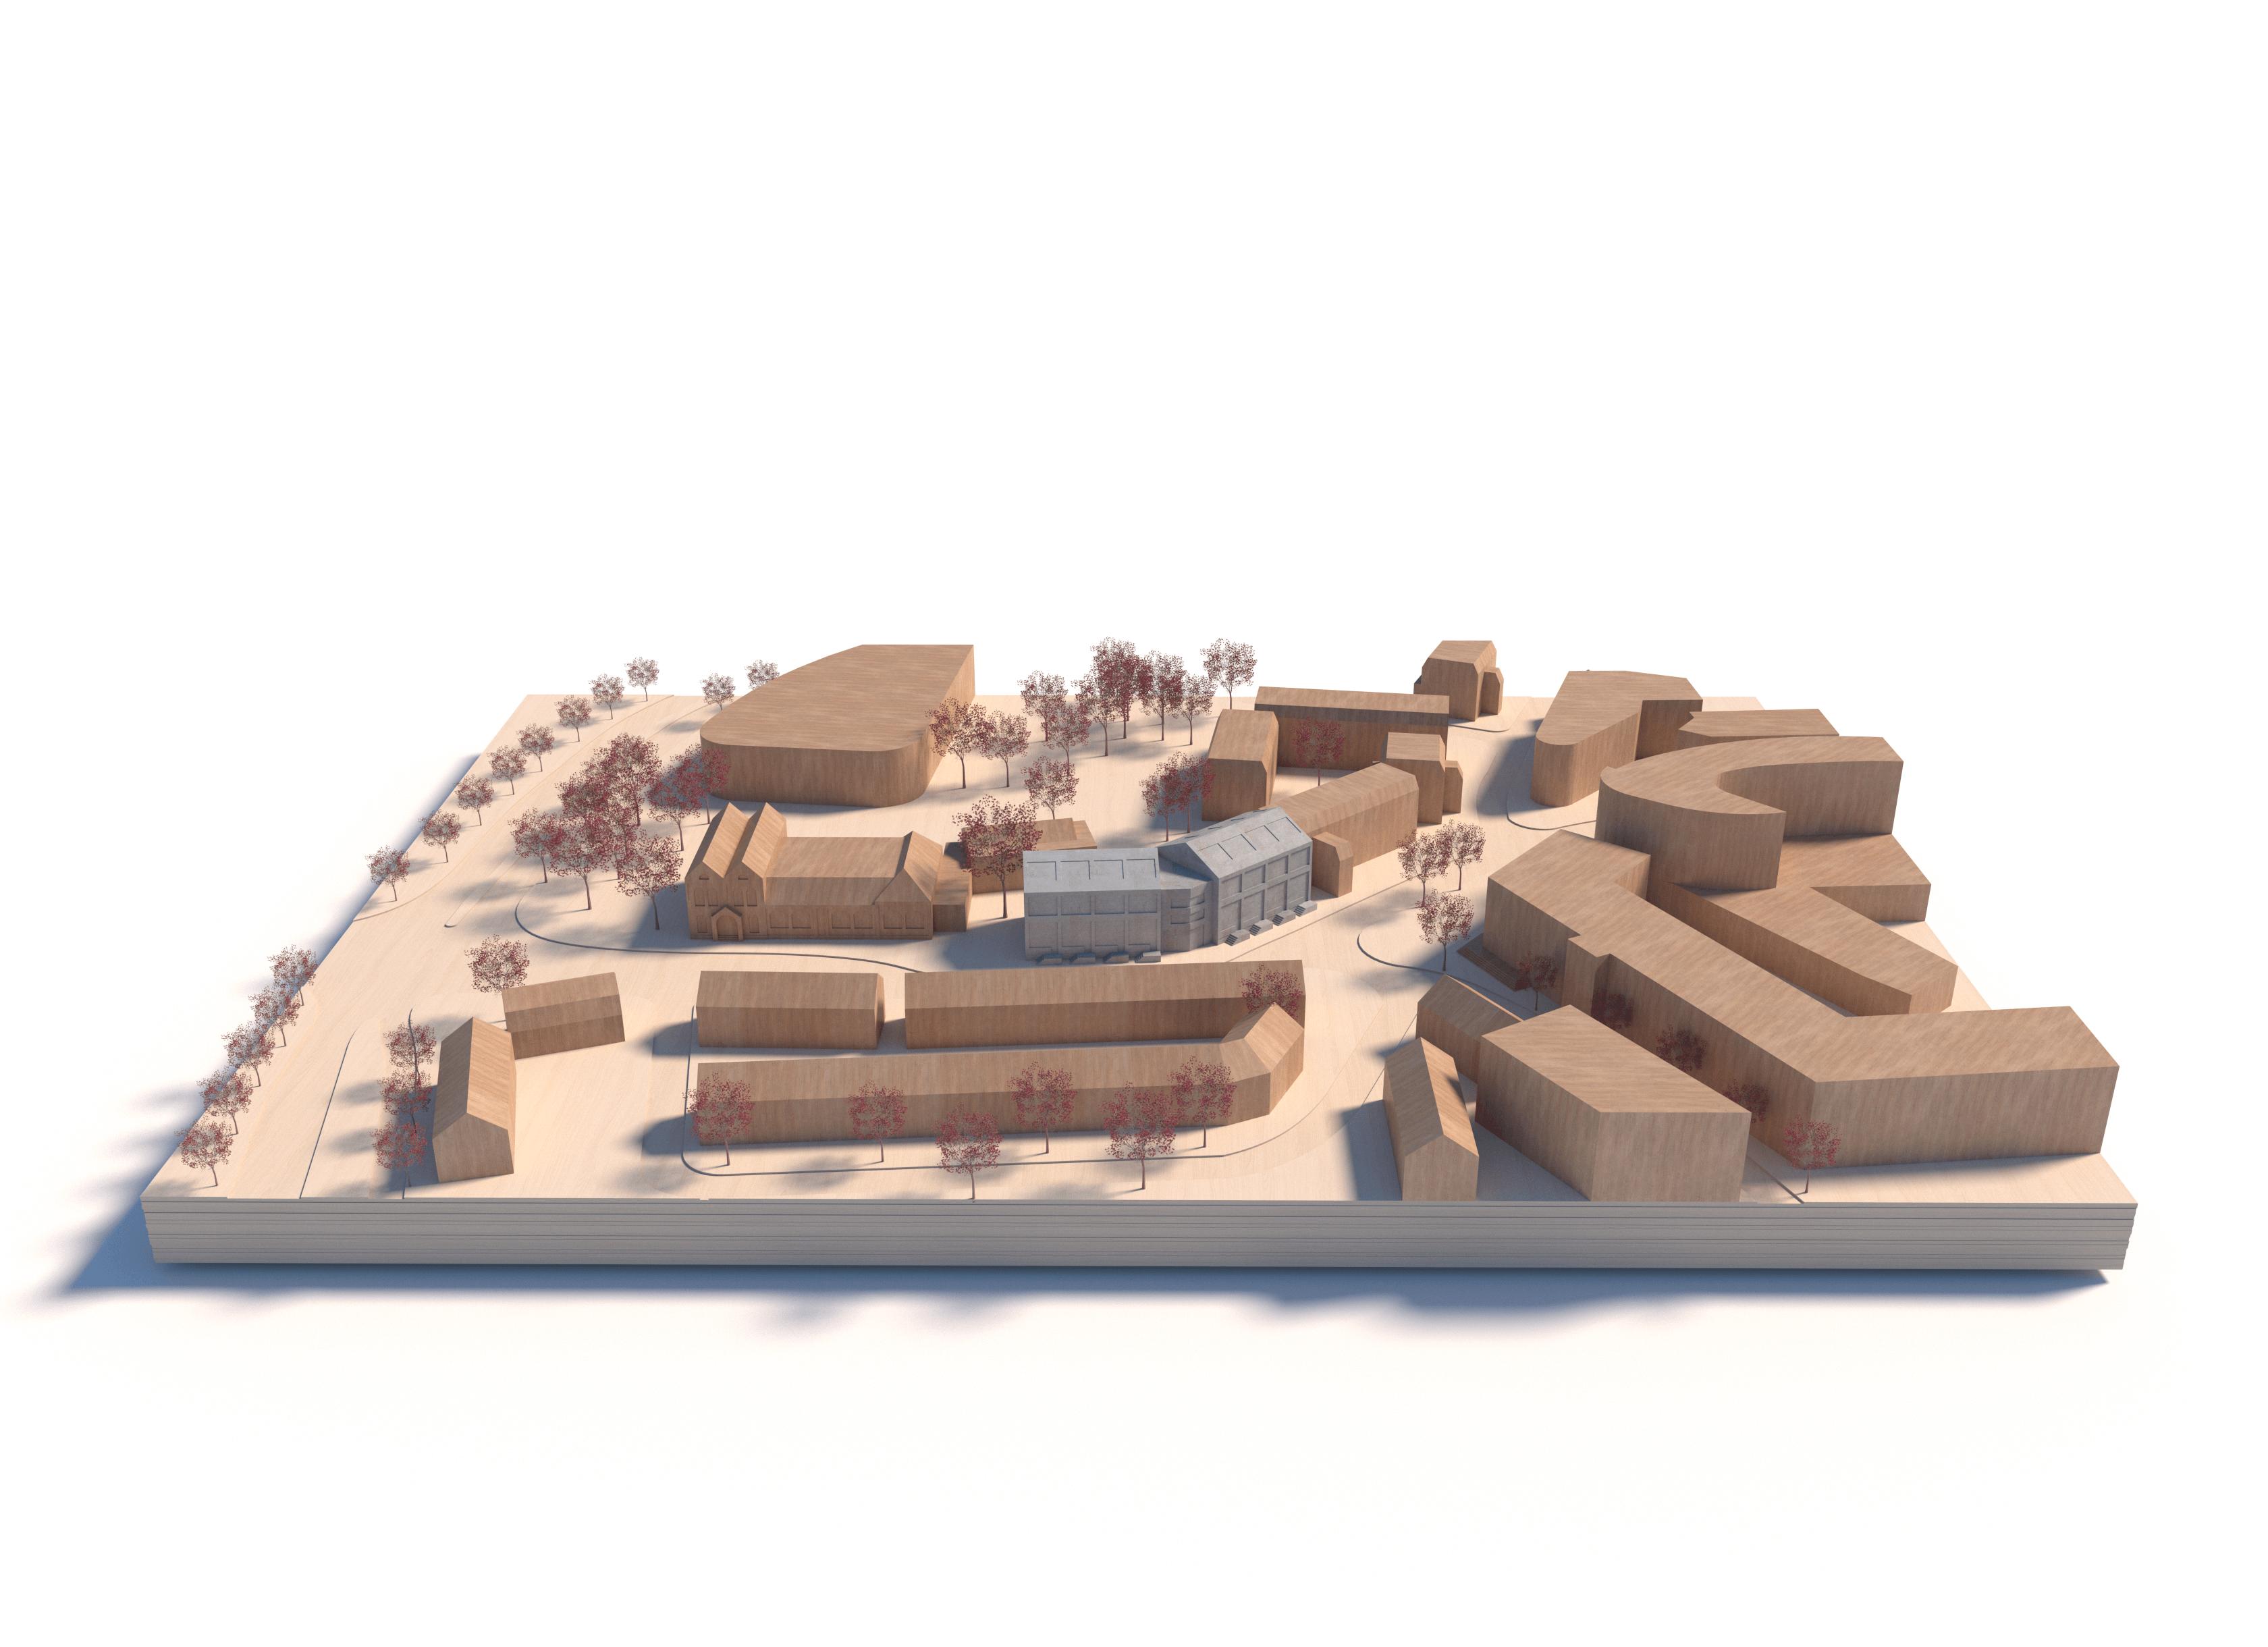 maquette beeld van de starter lofts in de situatie van het centrum van Hilversum